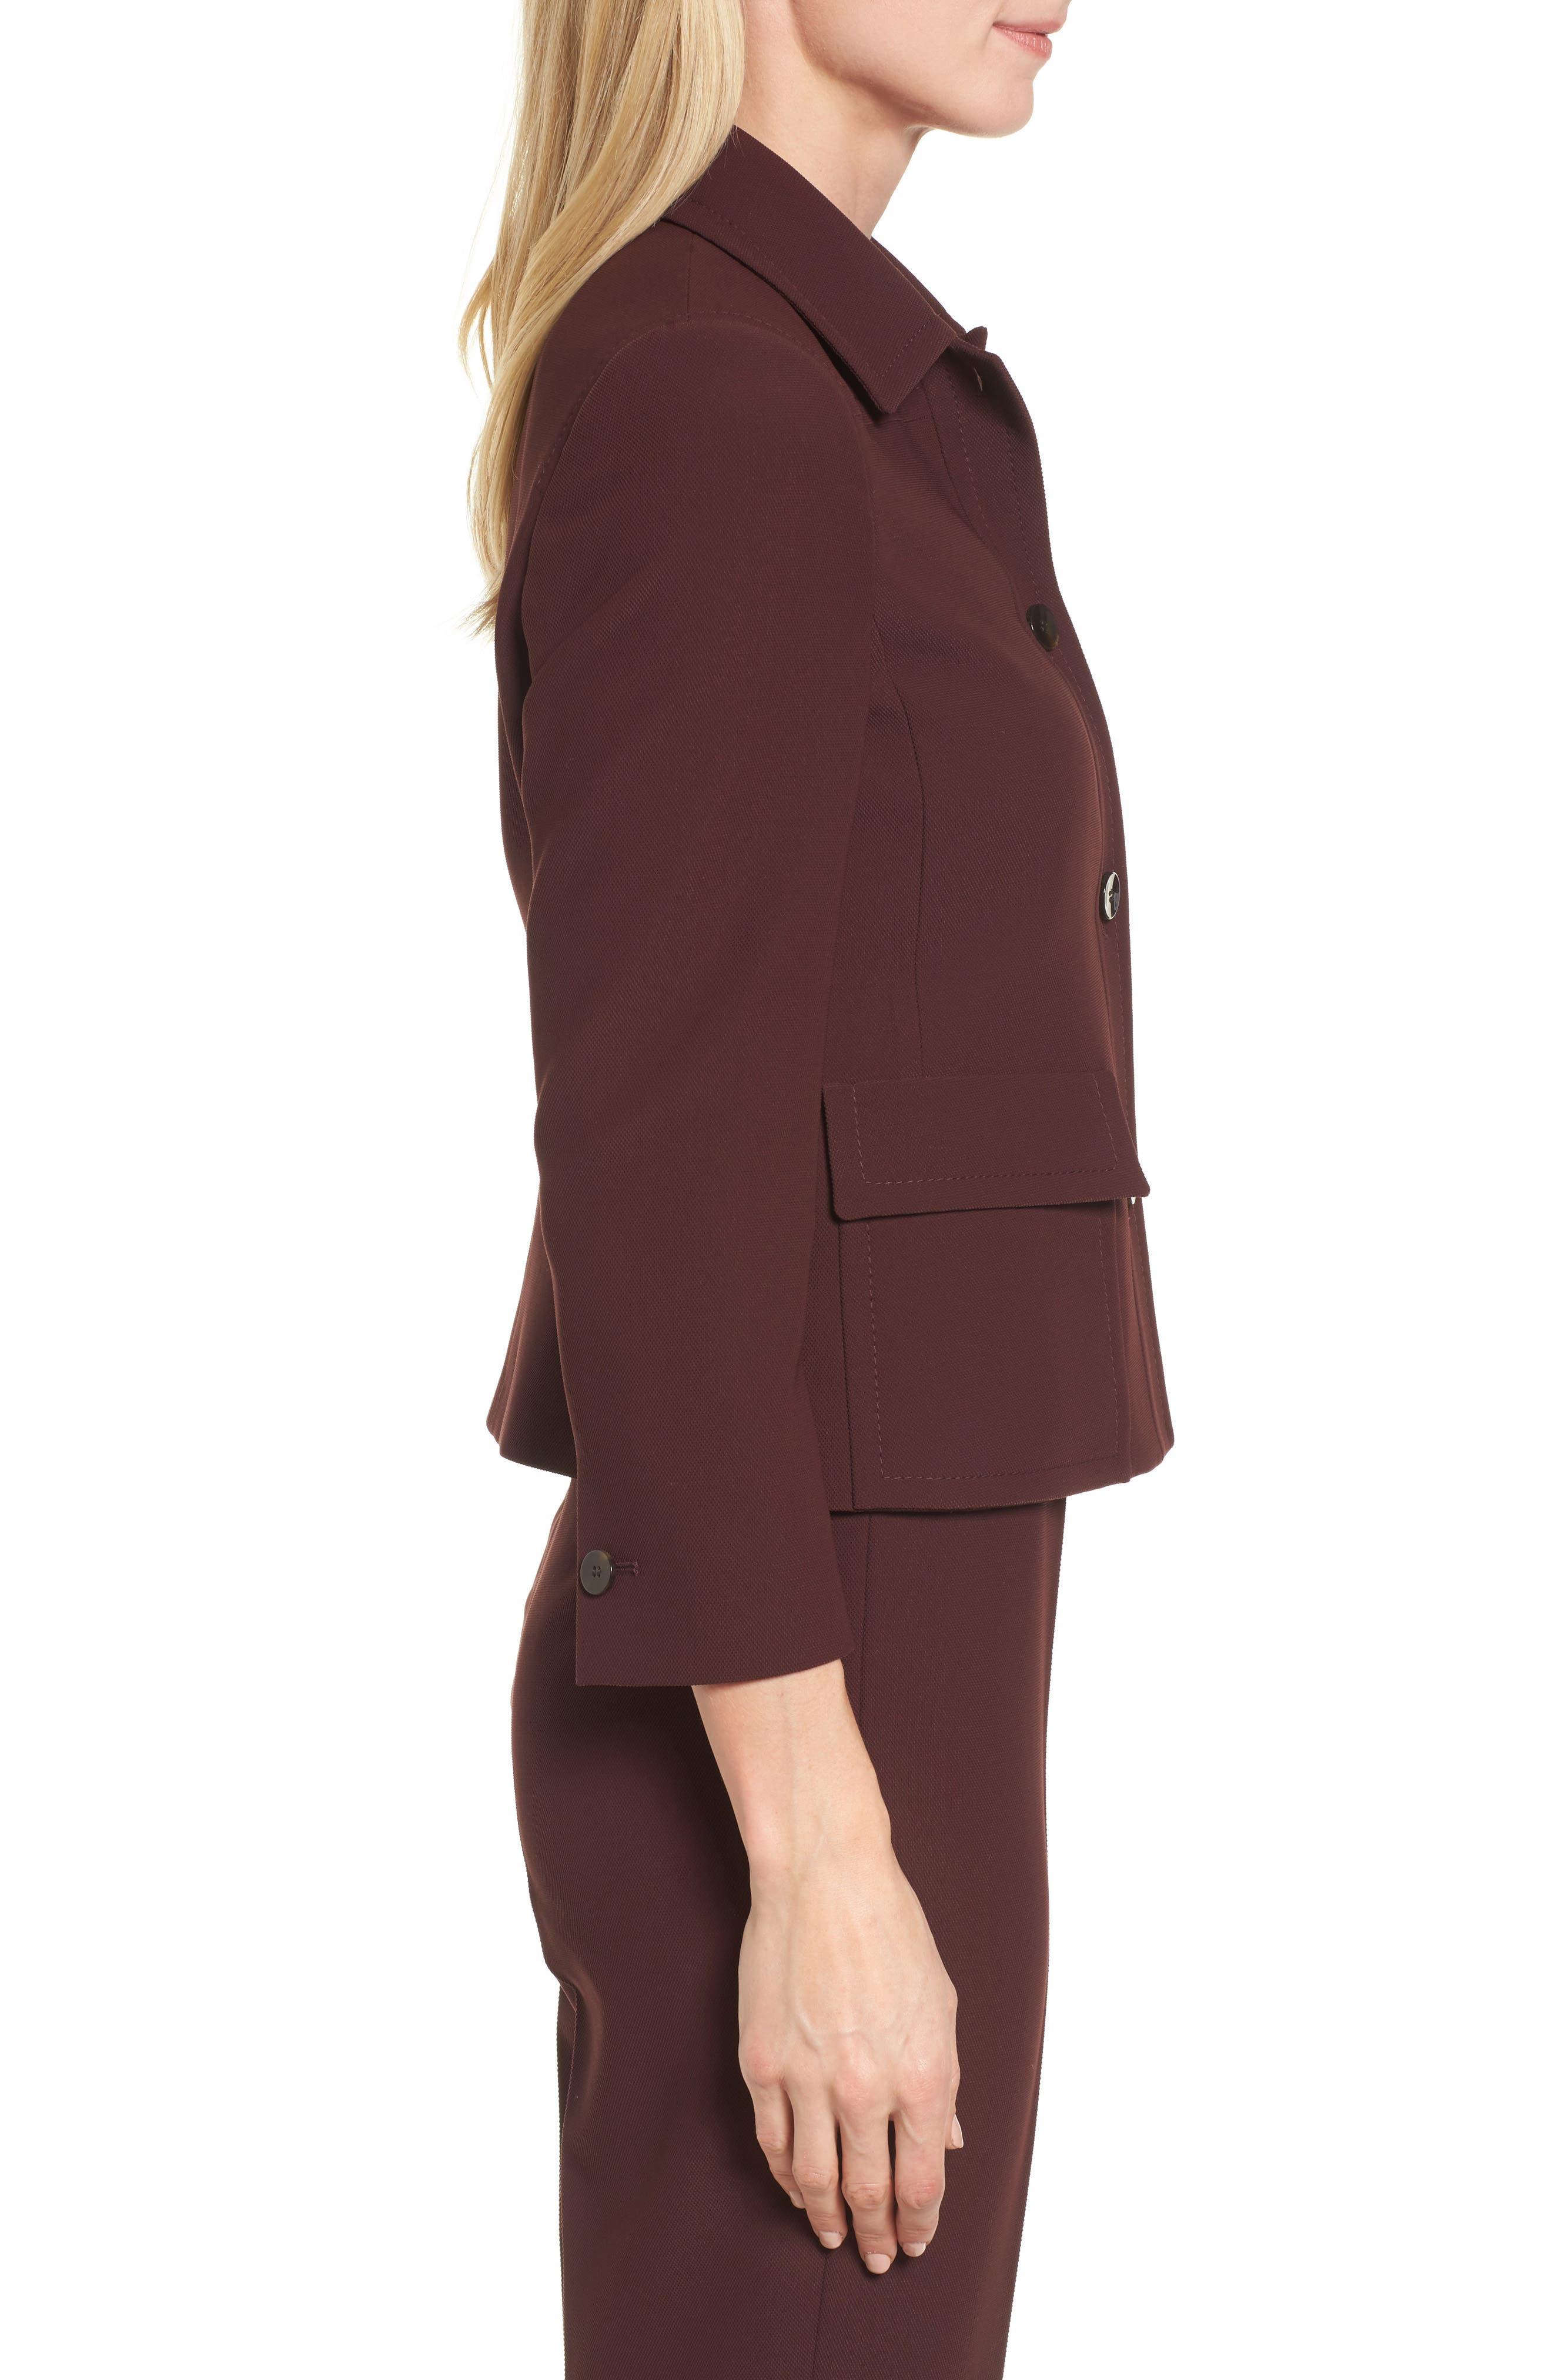 Juriona Suit Jacket,                             Alternate thumbnail 3, color,